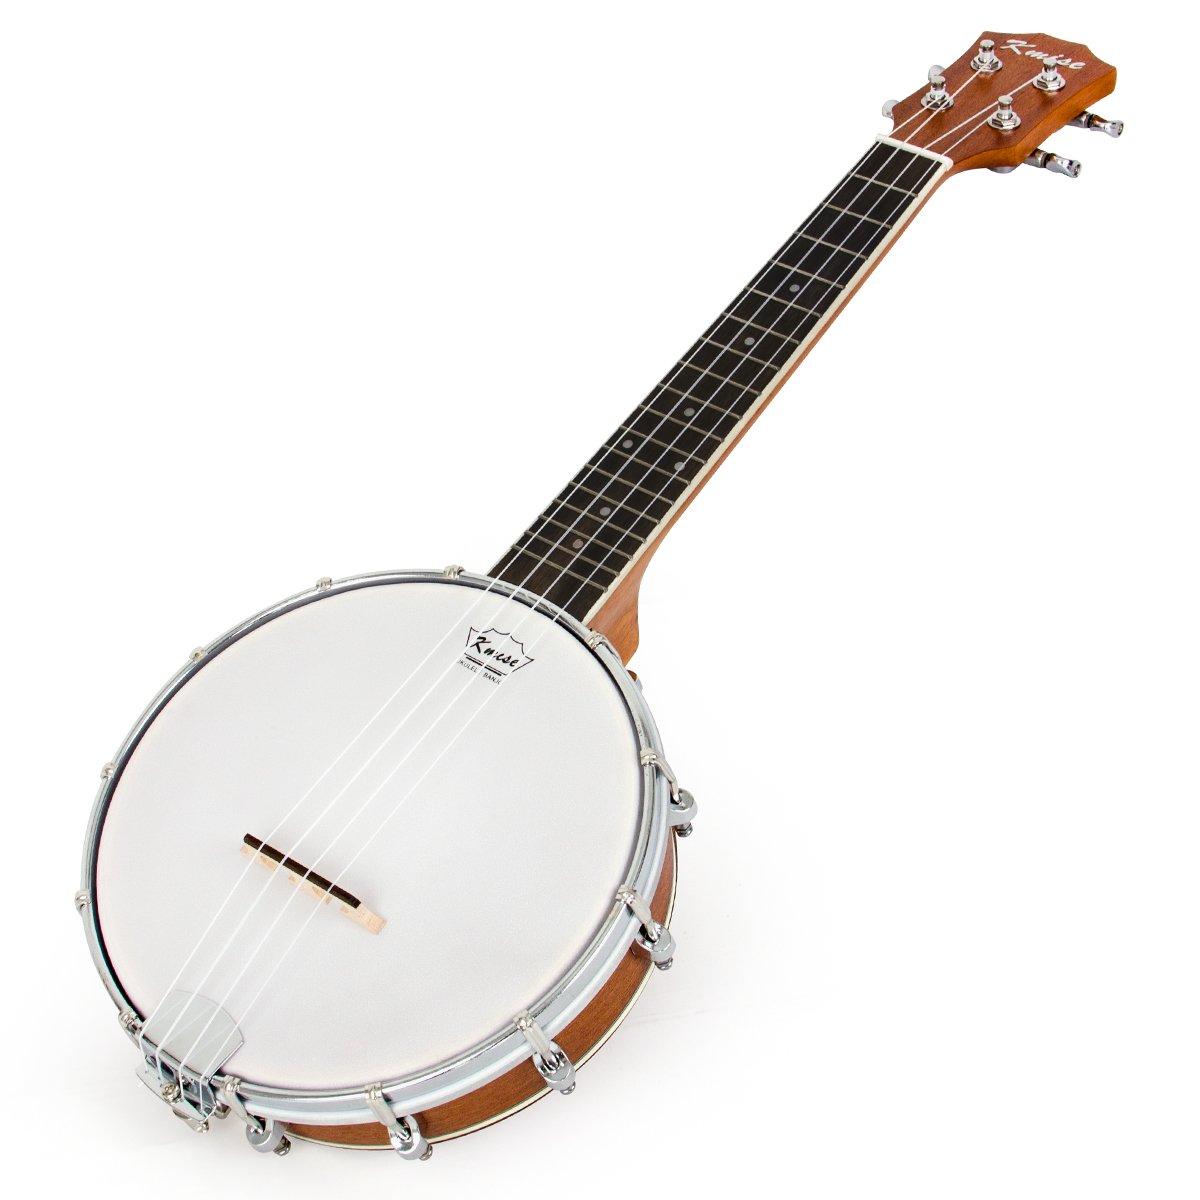 Banjo Ukulele 4 String Banjos lele Ukelele Uke Concert 23 Inch Size (Type 4)